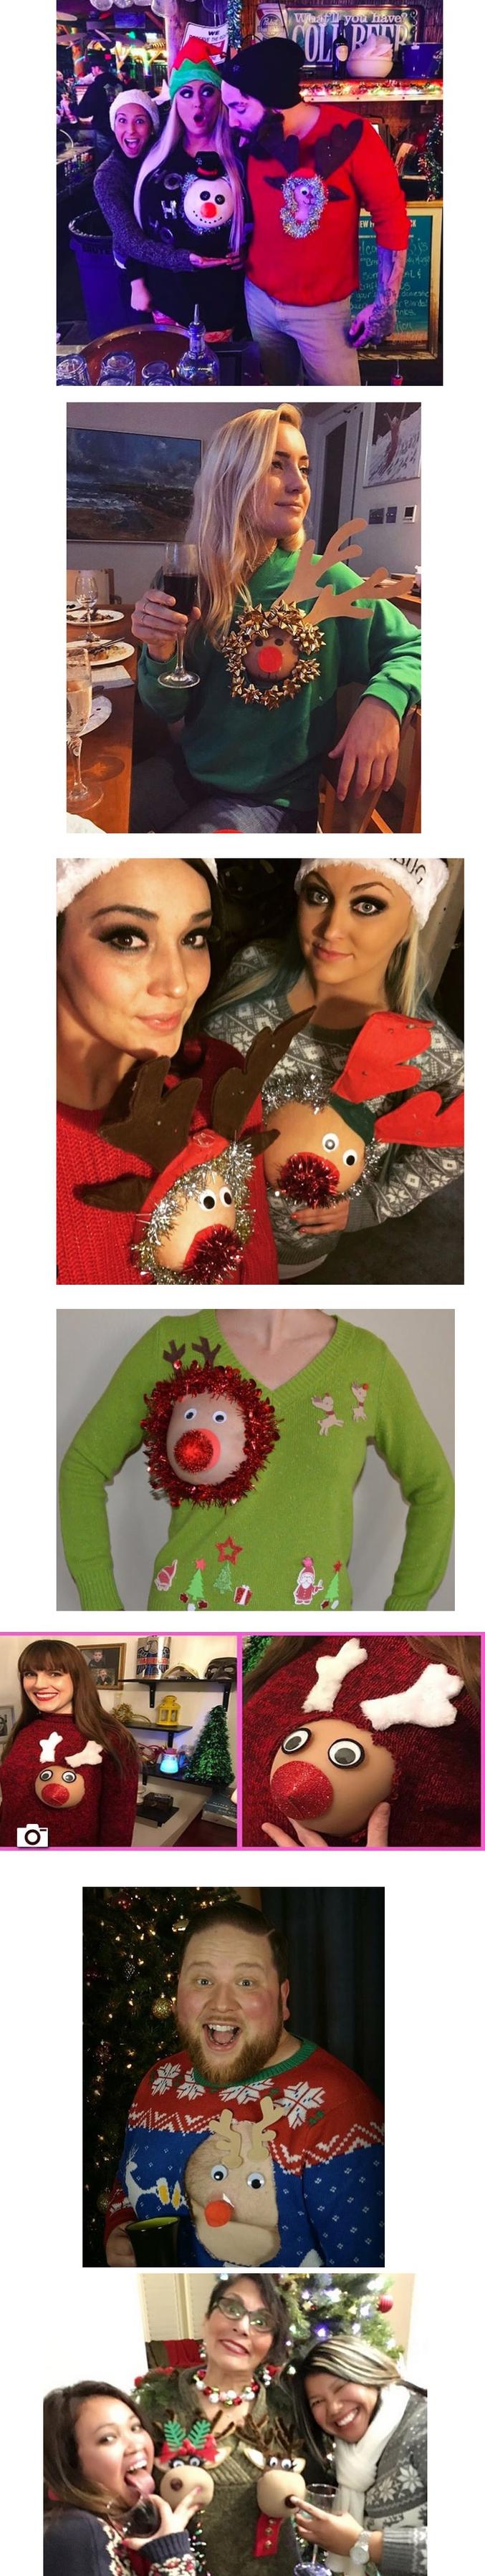 """le """"Christmas Boobs"""" est une mode qui consiste à décorer son sein en renne de Noël, en utilisant les vieux pulls que Mamie nous offre à chaque fois."""